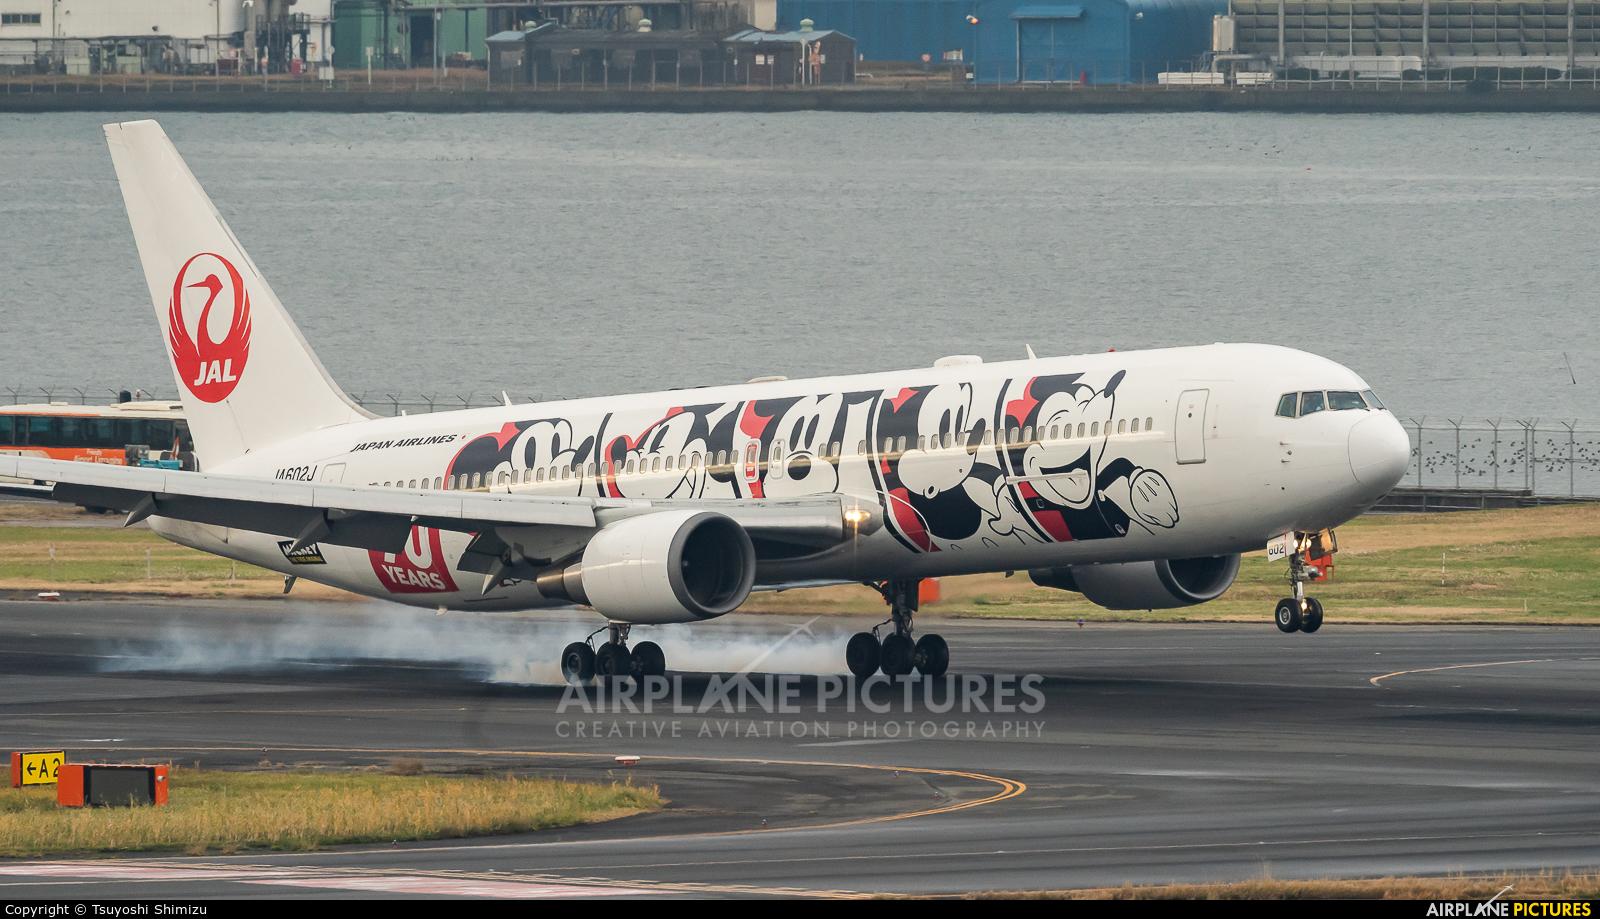 JAL - Japan Airlines JA602J aircraft at Tokyo - Haneda Intl